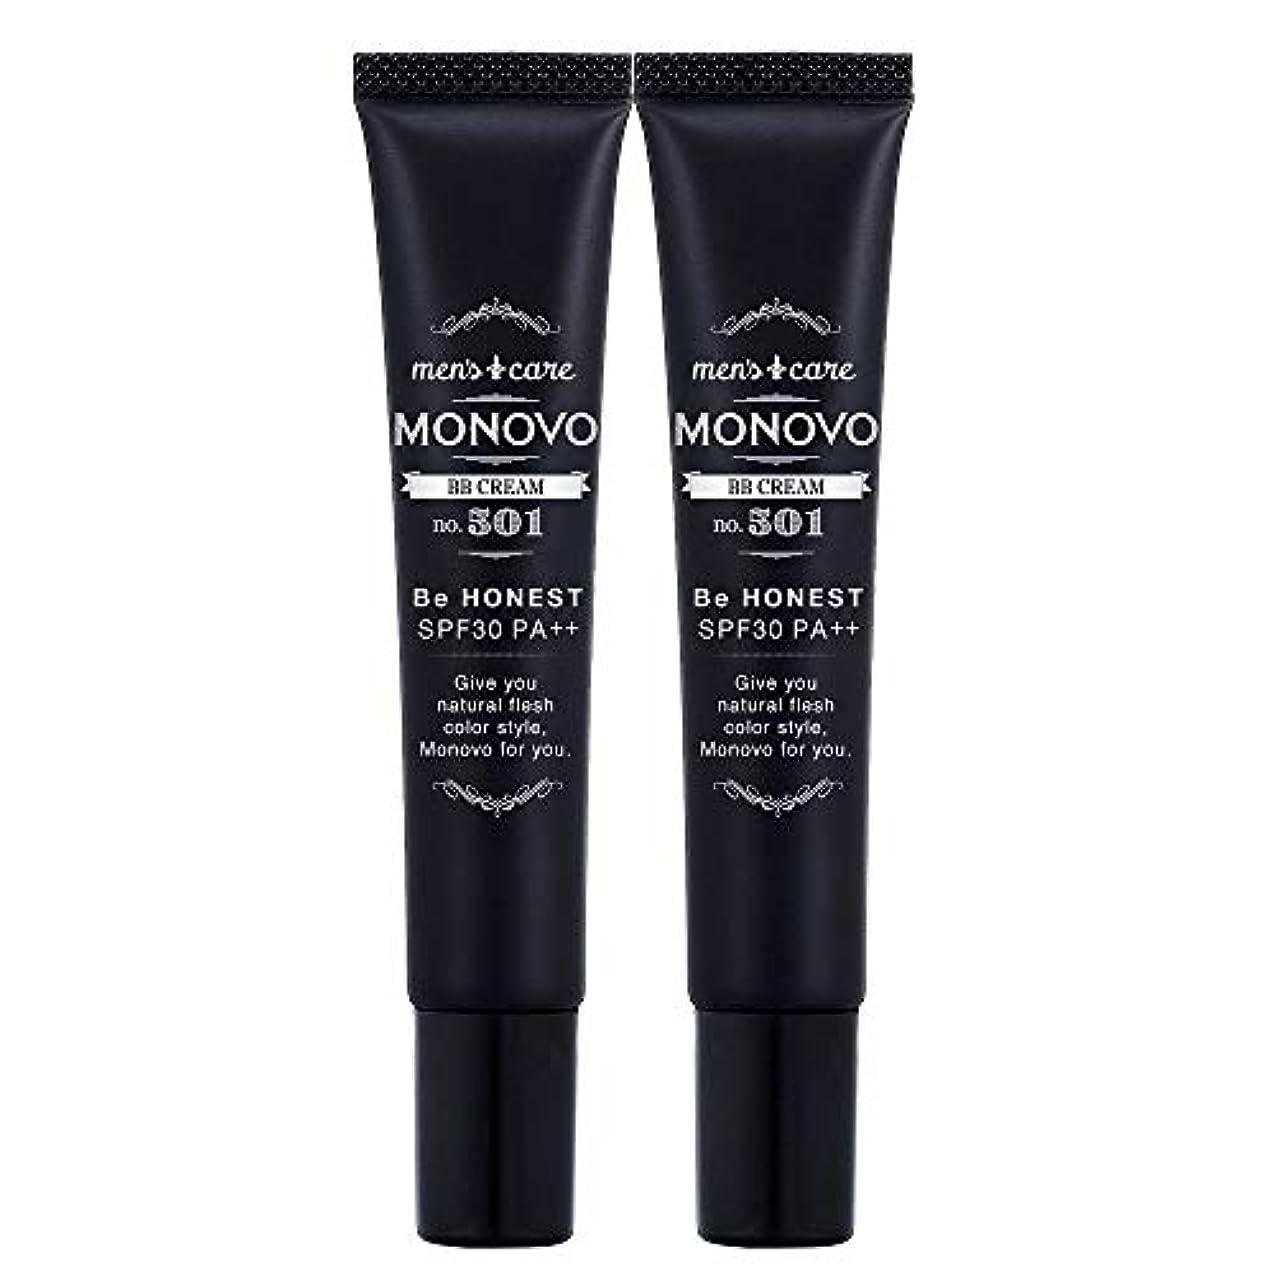 情熱説得力のある女王MONOVO BBクリーム メンズ コンシーラー ファンデーション効果で青髭/テカリ/肌荒れ隠し[ SPF30/PA++] 2本 40g